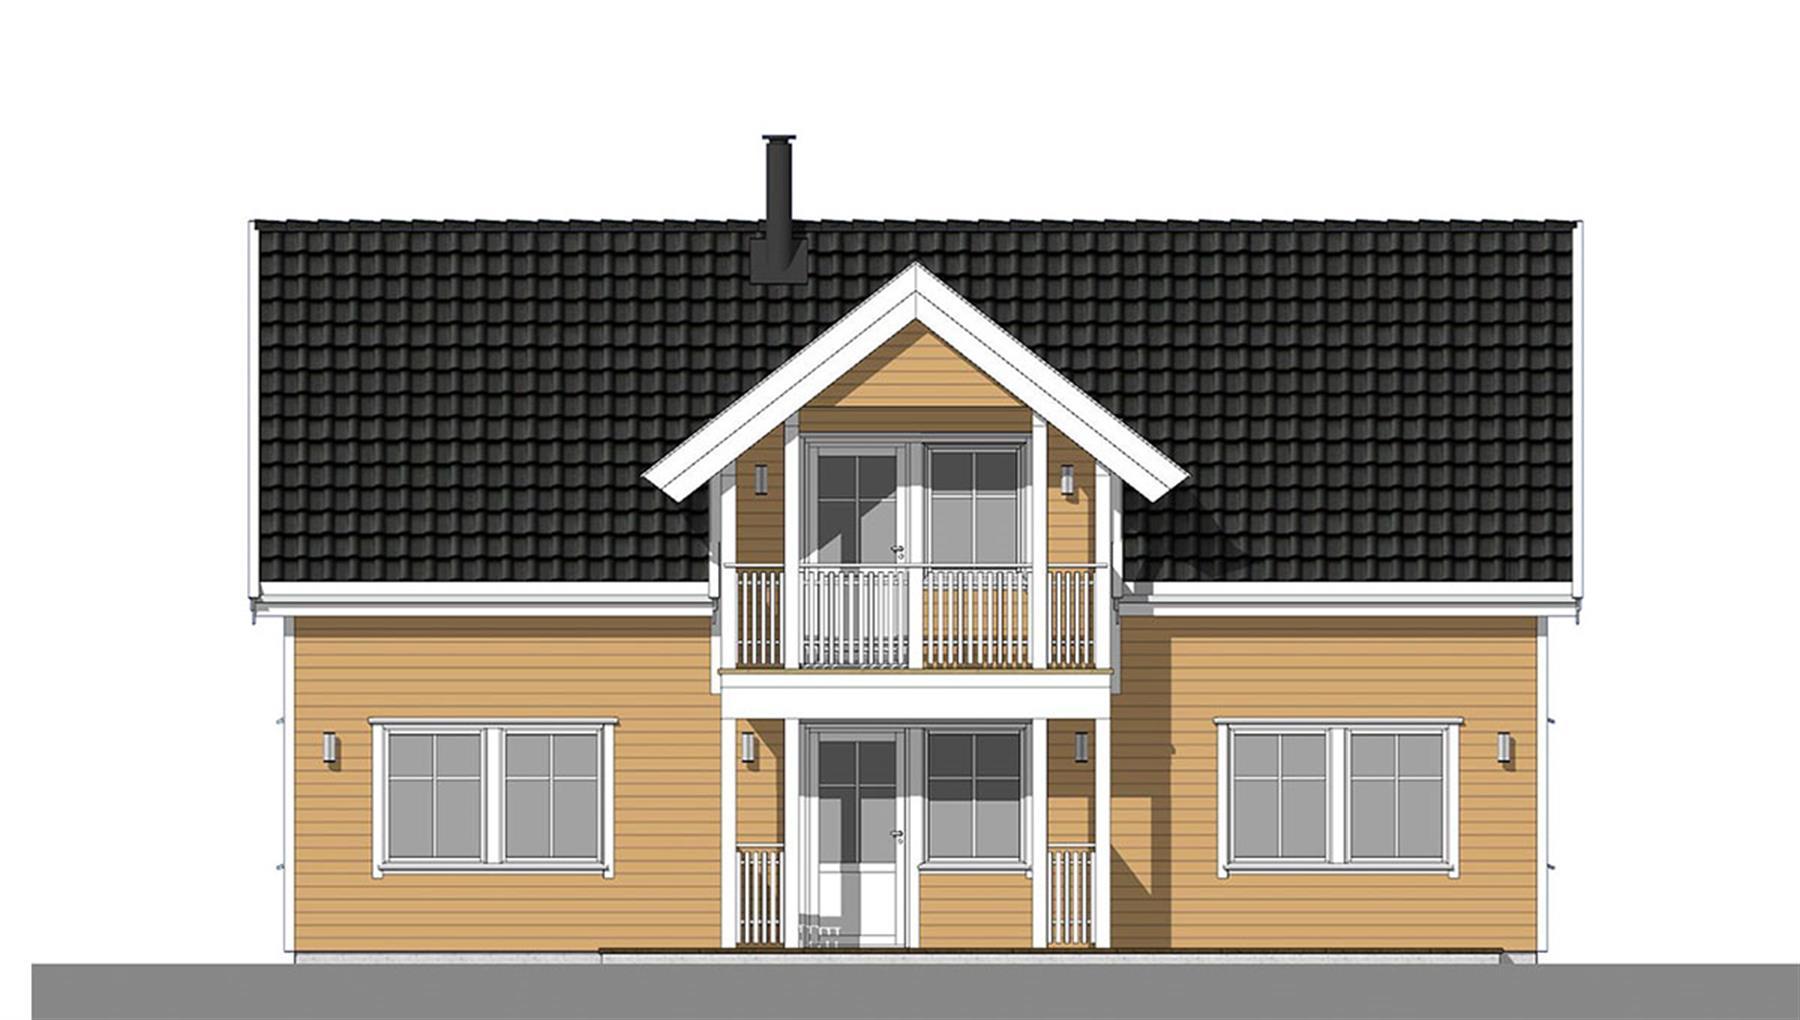 Havsule fasade 3